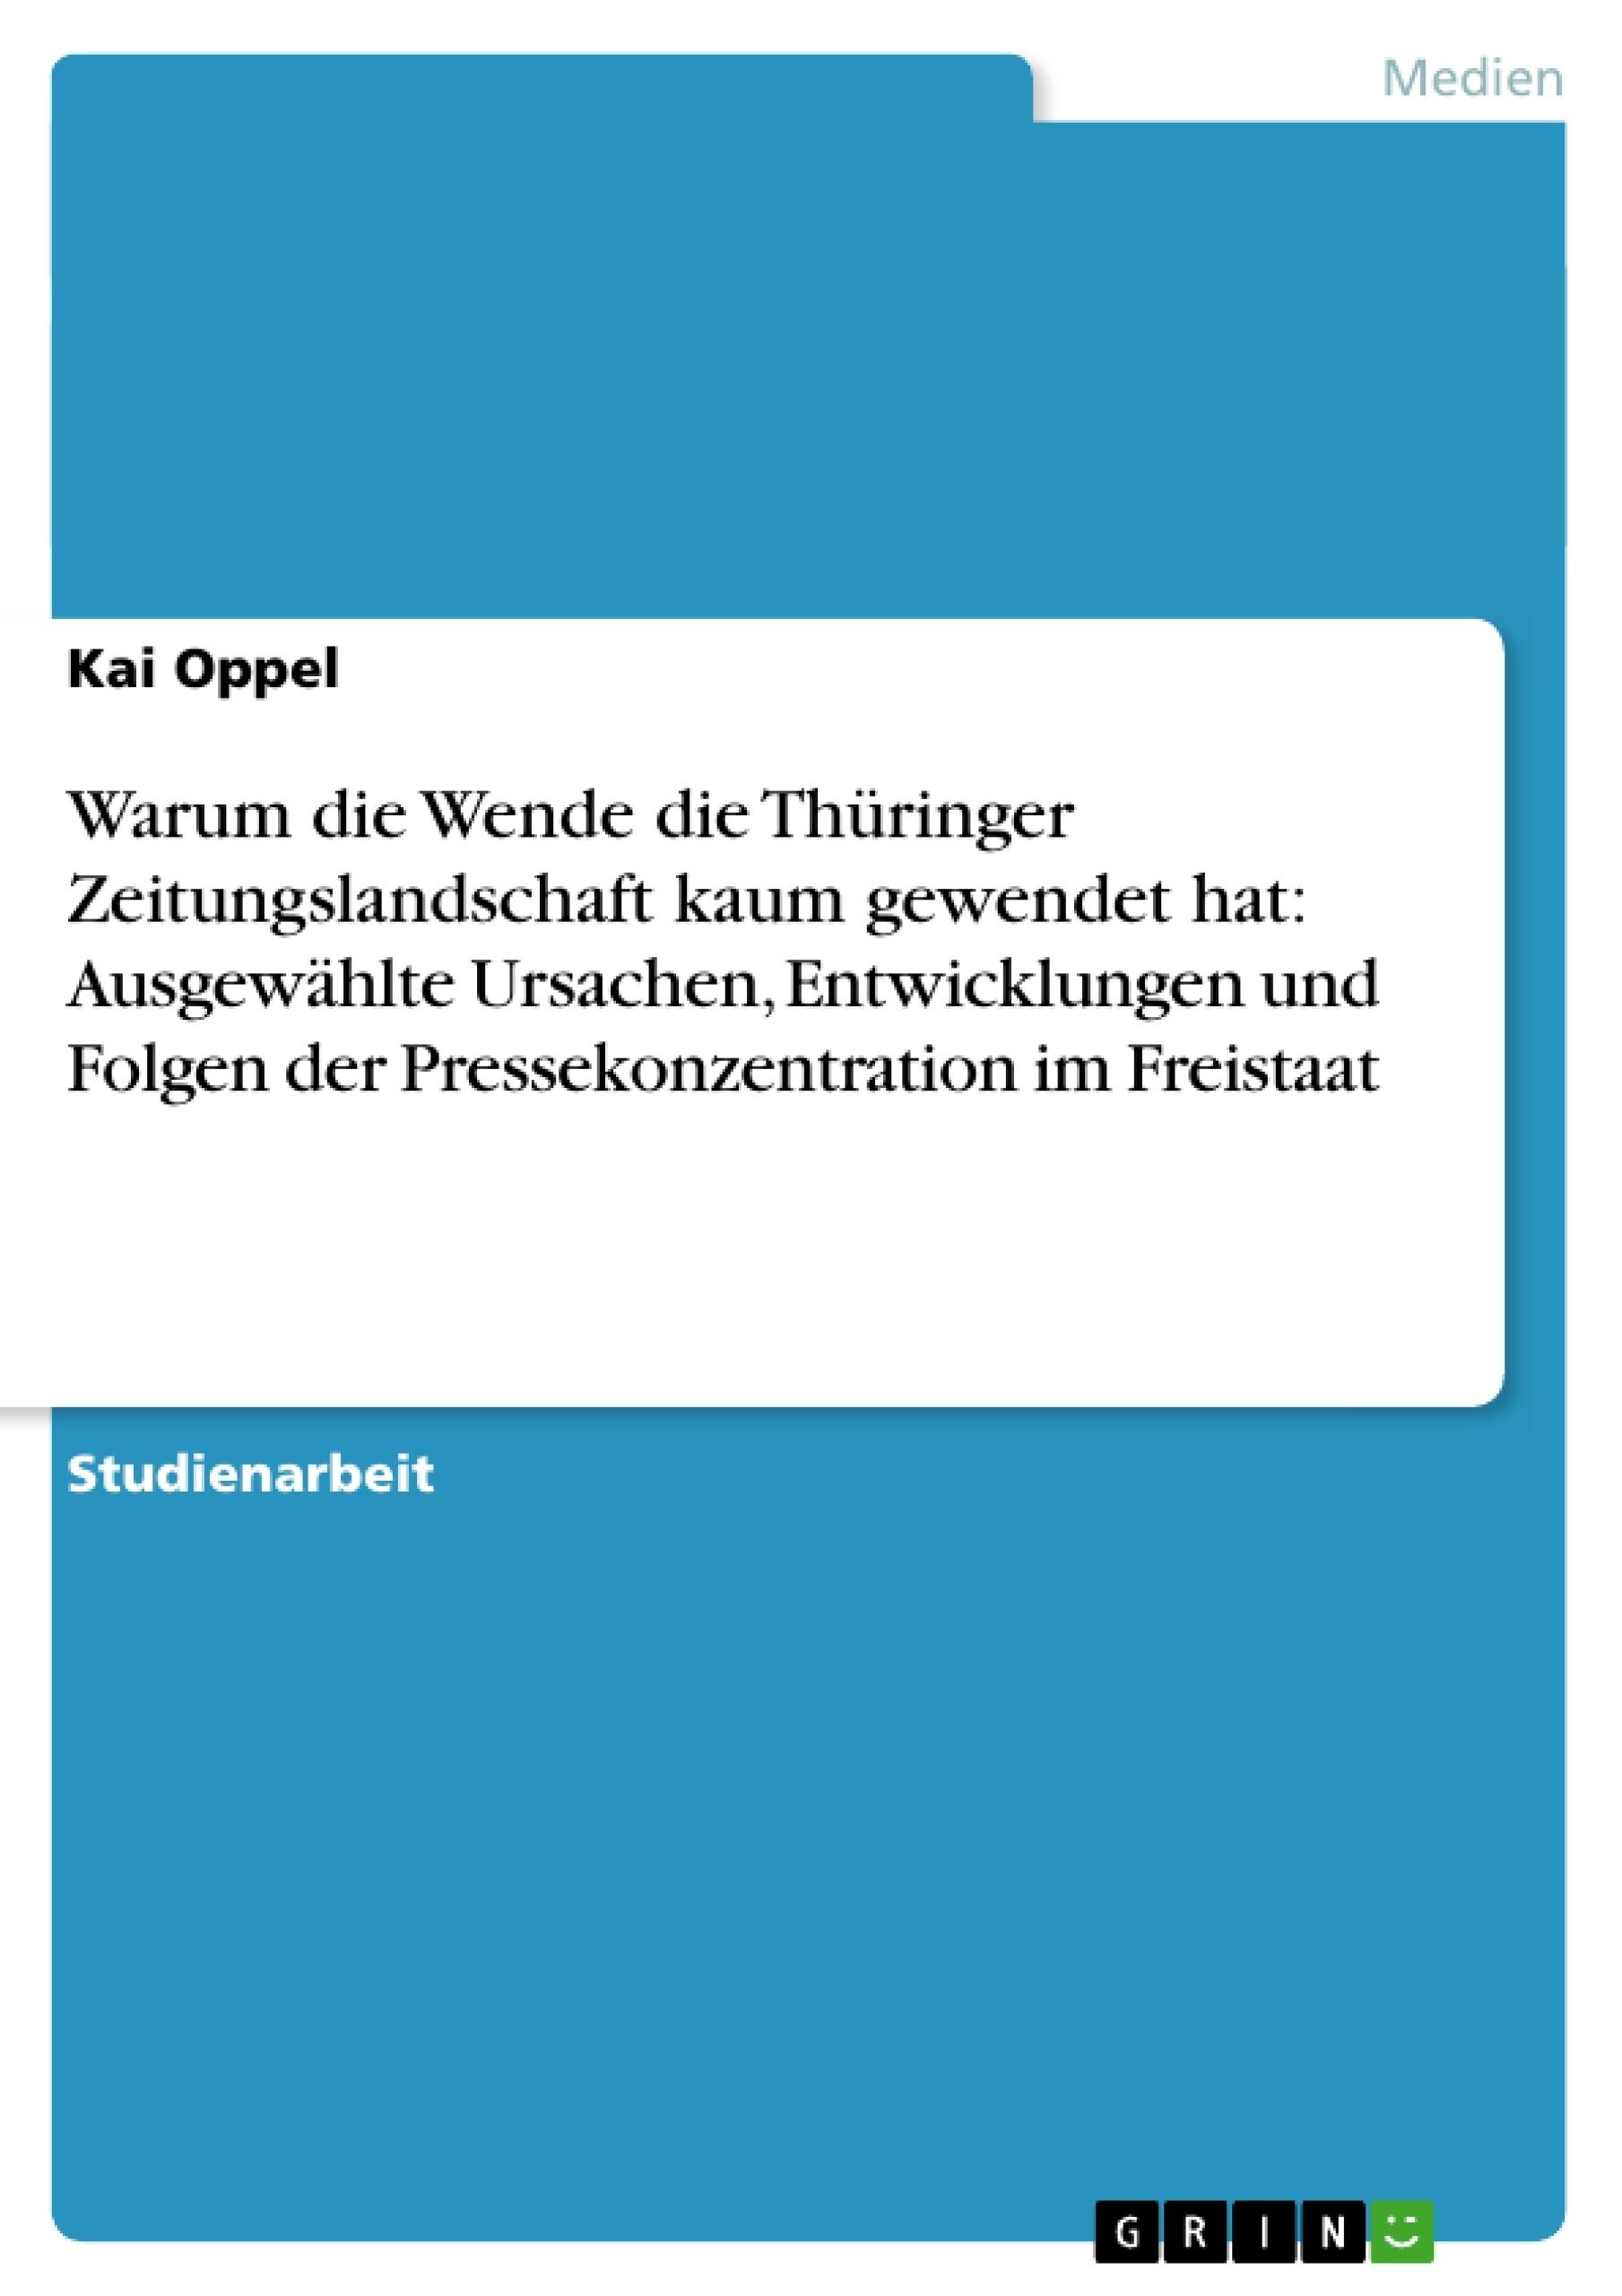 Titel: Warum die Wende die Thüringer Zeitungslandschaft kaum gewendet hat: Ausgewählte Ursachen, Entwicklungen und Folgen der Pressekonzentration im Freistaat